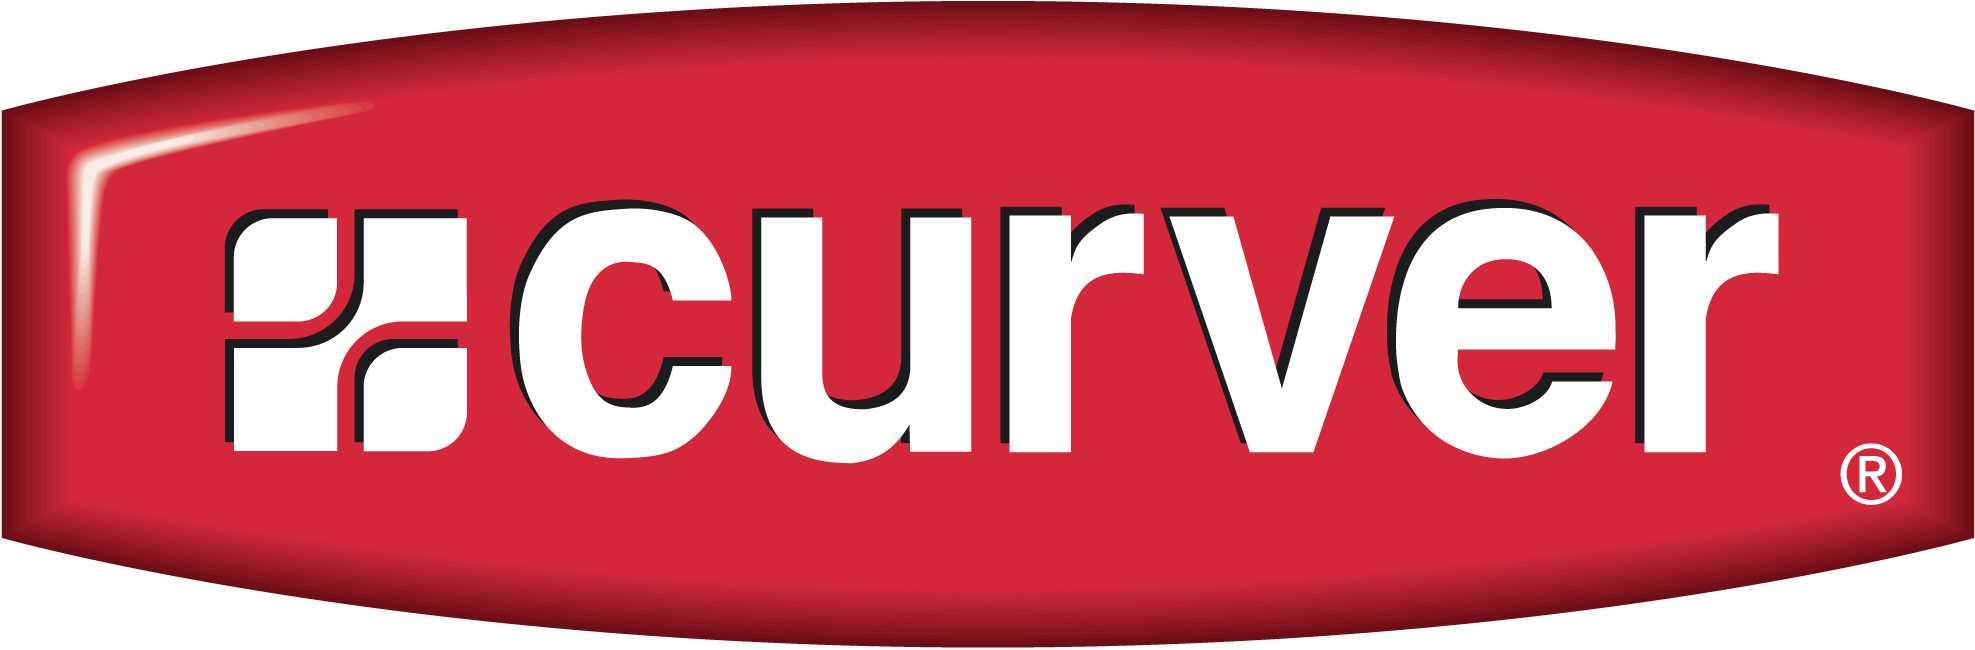 Логотип Curver, Польша. Продажа серебряных украшений Curver, Польша оптом и в розницу